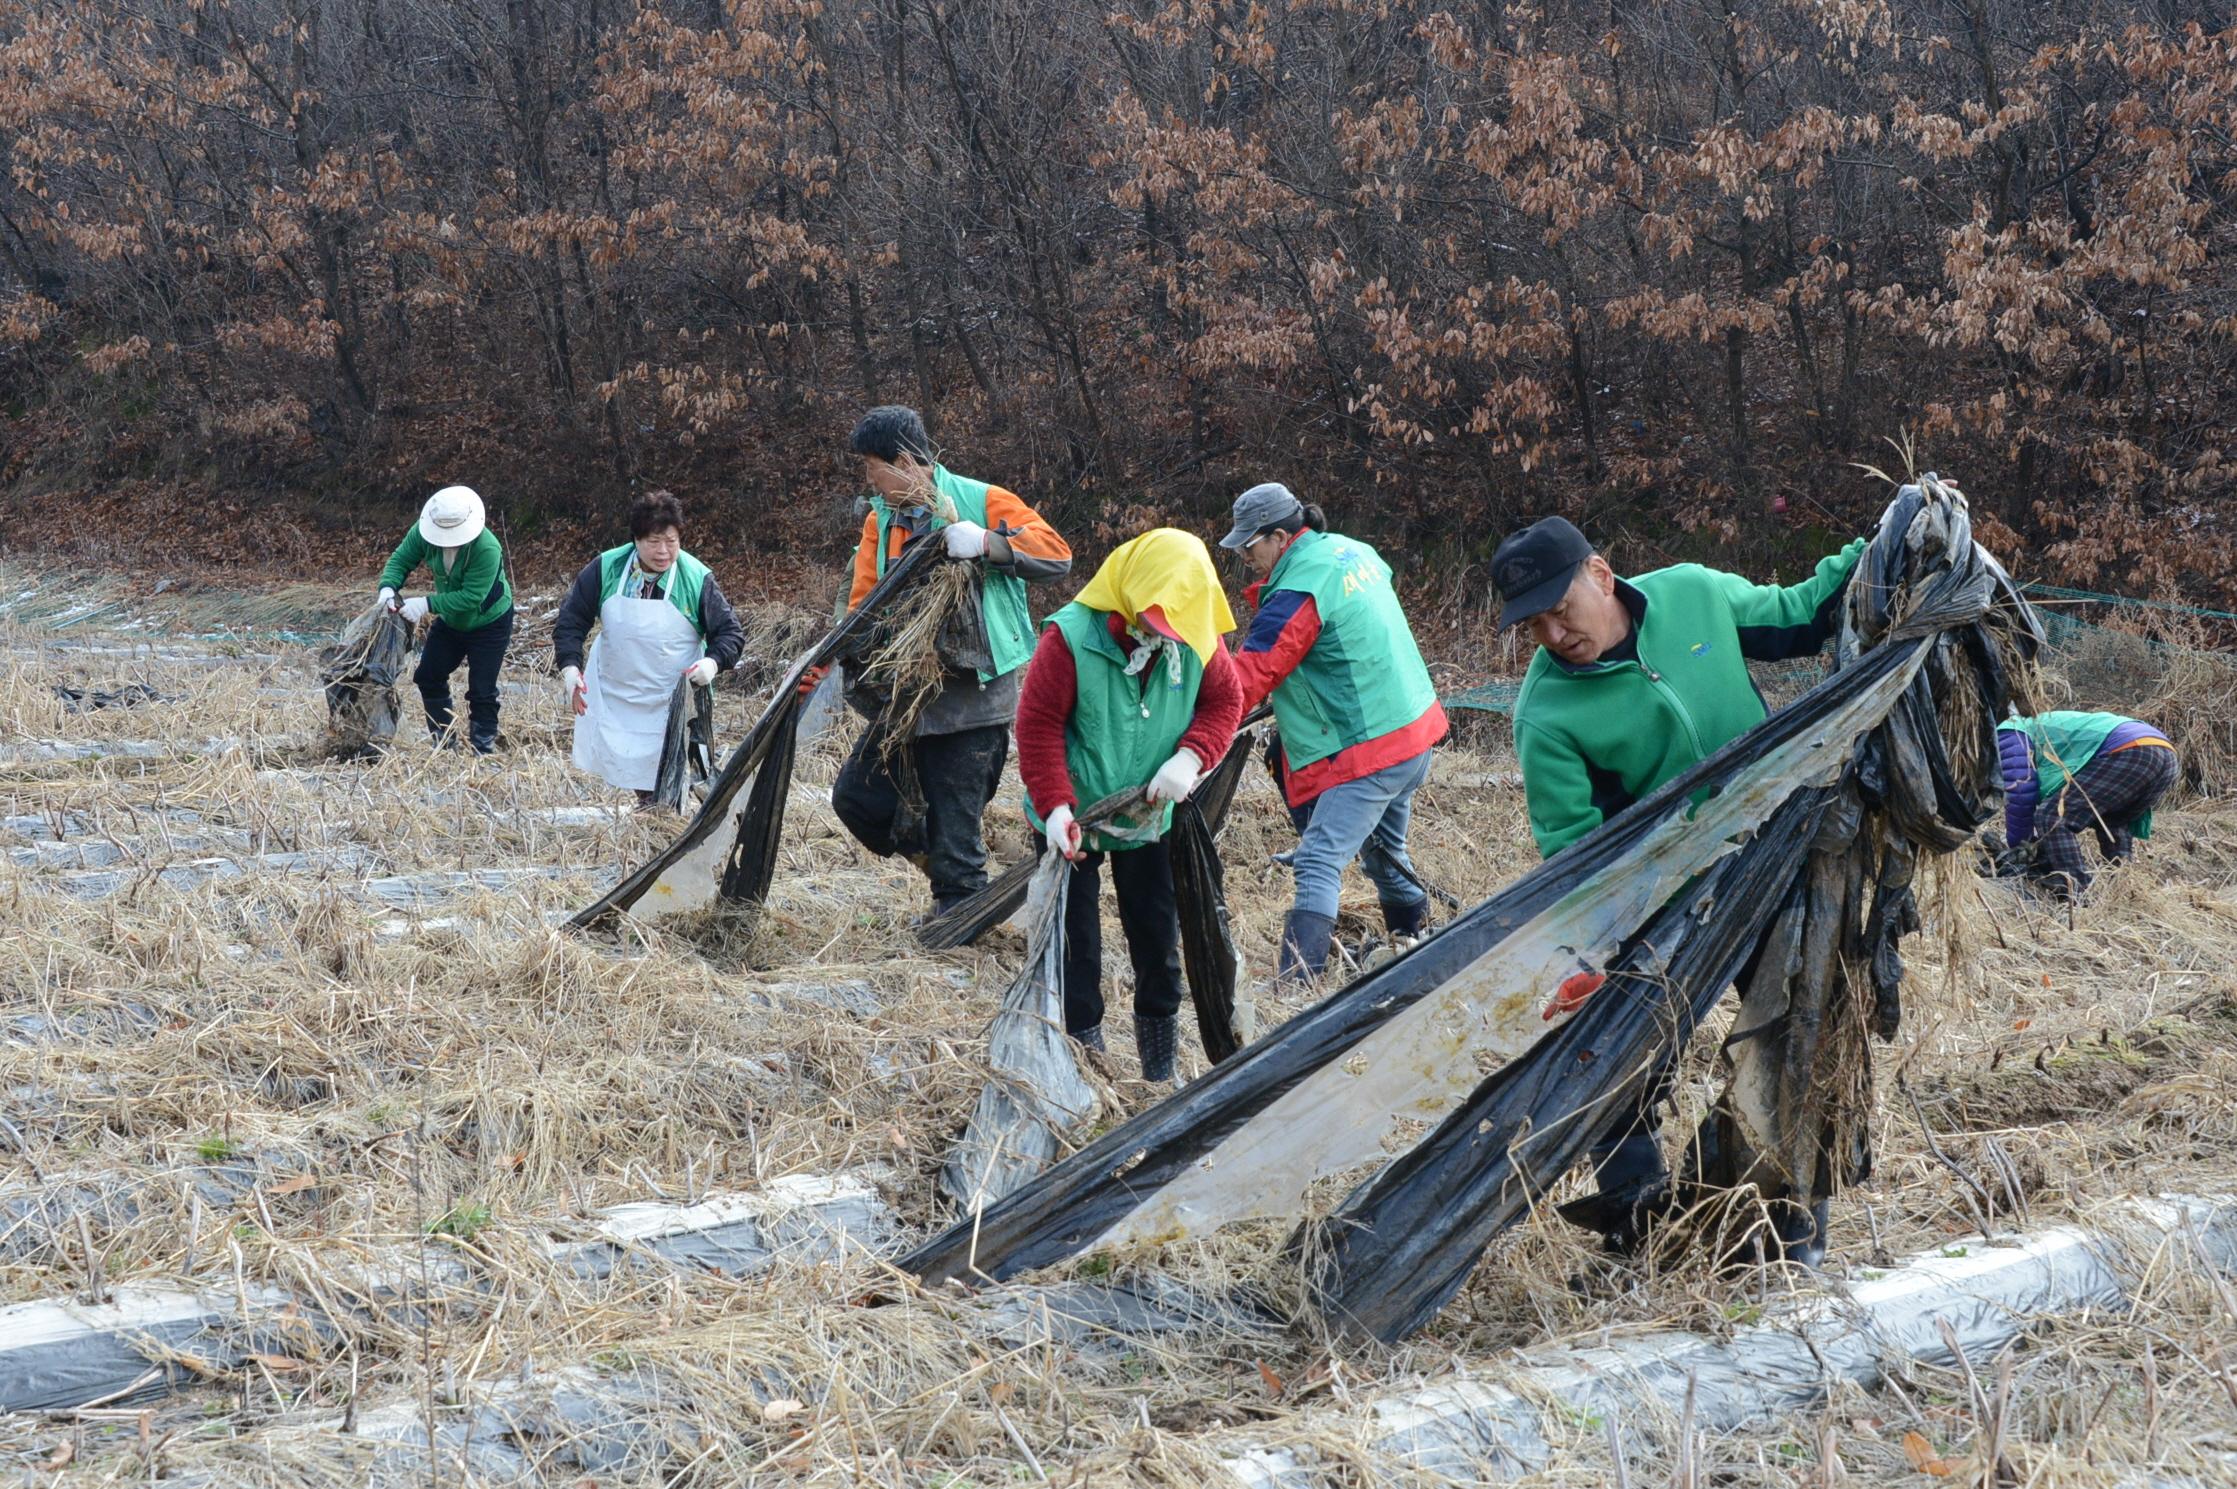 증평군 새마을지회 회원들, 생산적 일손봉사 [이미지]